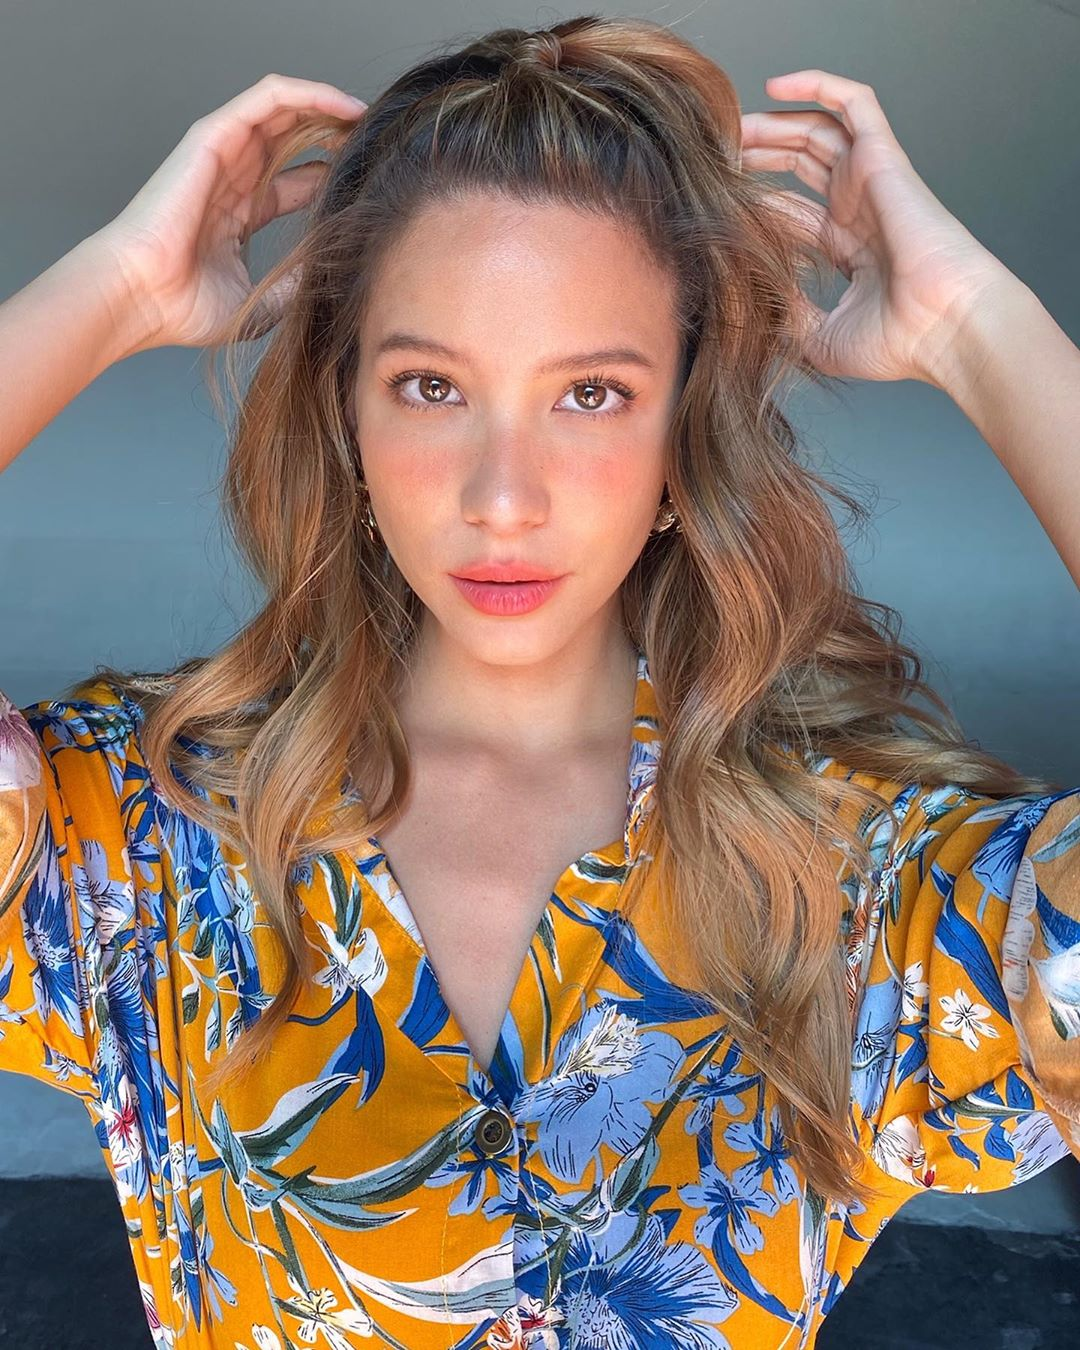 Nathalie Ducheine